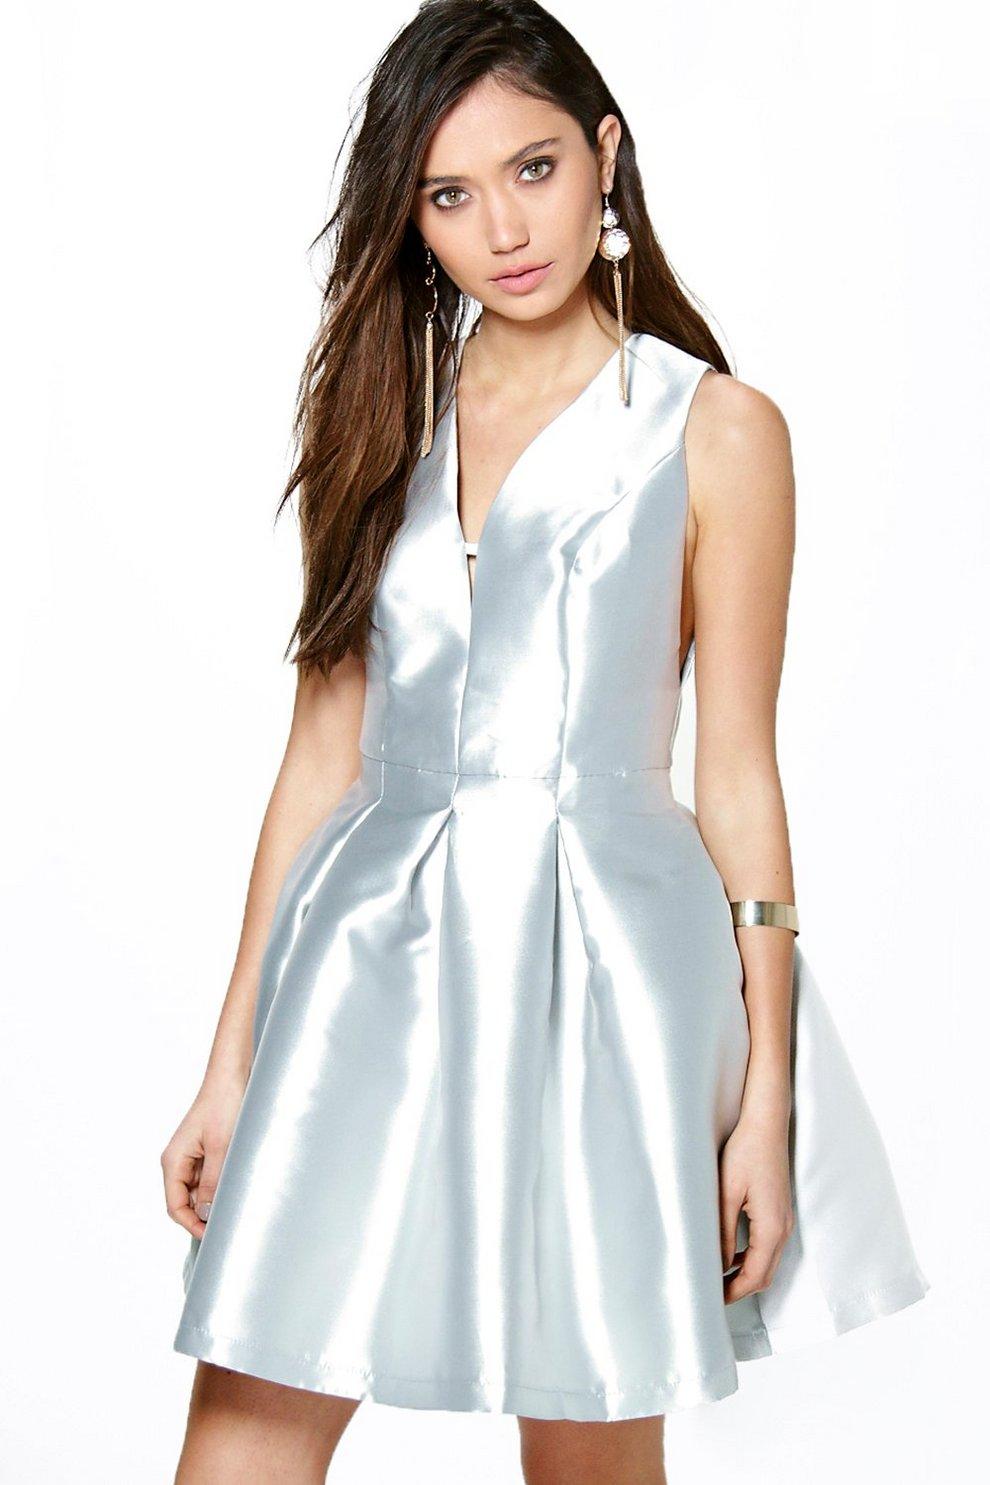 Boutique Alicia Abendkleid mit metallischem Saum  boohoo